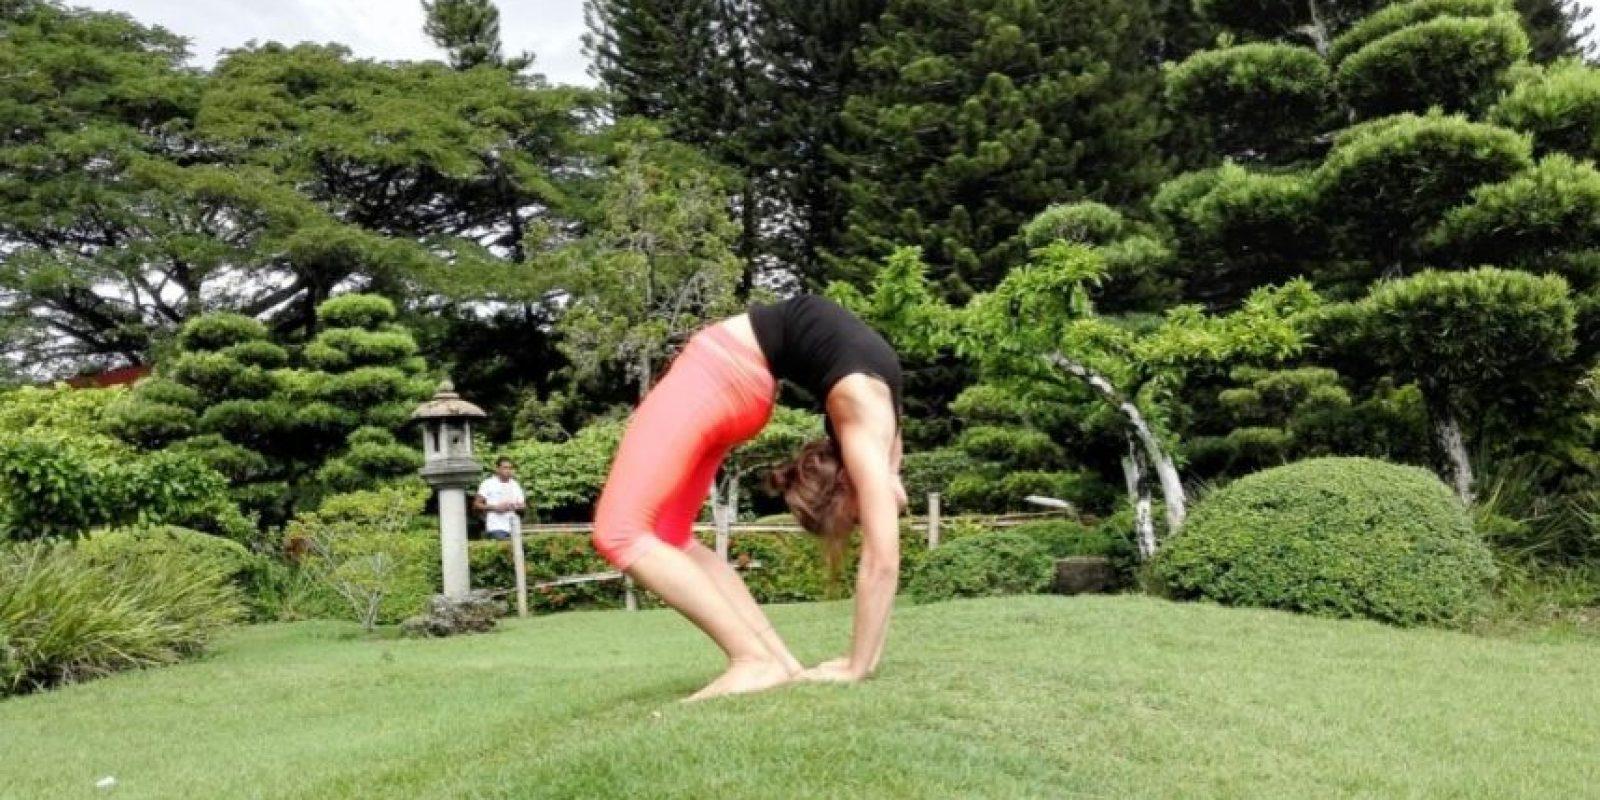 URDHVA DHANURASANA. Upward Bow (Wheel) Pose. Esta posición se focaliza en la fuerza, la resistencia muscular, la flexibilidad y la respiración. Beneficios: • Ensancha el pecho y los pulmones • Fortalece los brazos y las muñecas, las piernas, los glúteos, el abdomen y la columna vertebral. • Estimula la tiroides y la hipófisis. • Aumenta la energía y contrarresta la depresión. • Terapéutico para el asma, dolor de espalda, la infertilidad y osteoporosis. Foto:Fuente externa